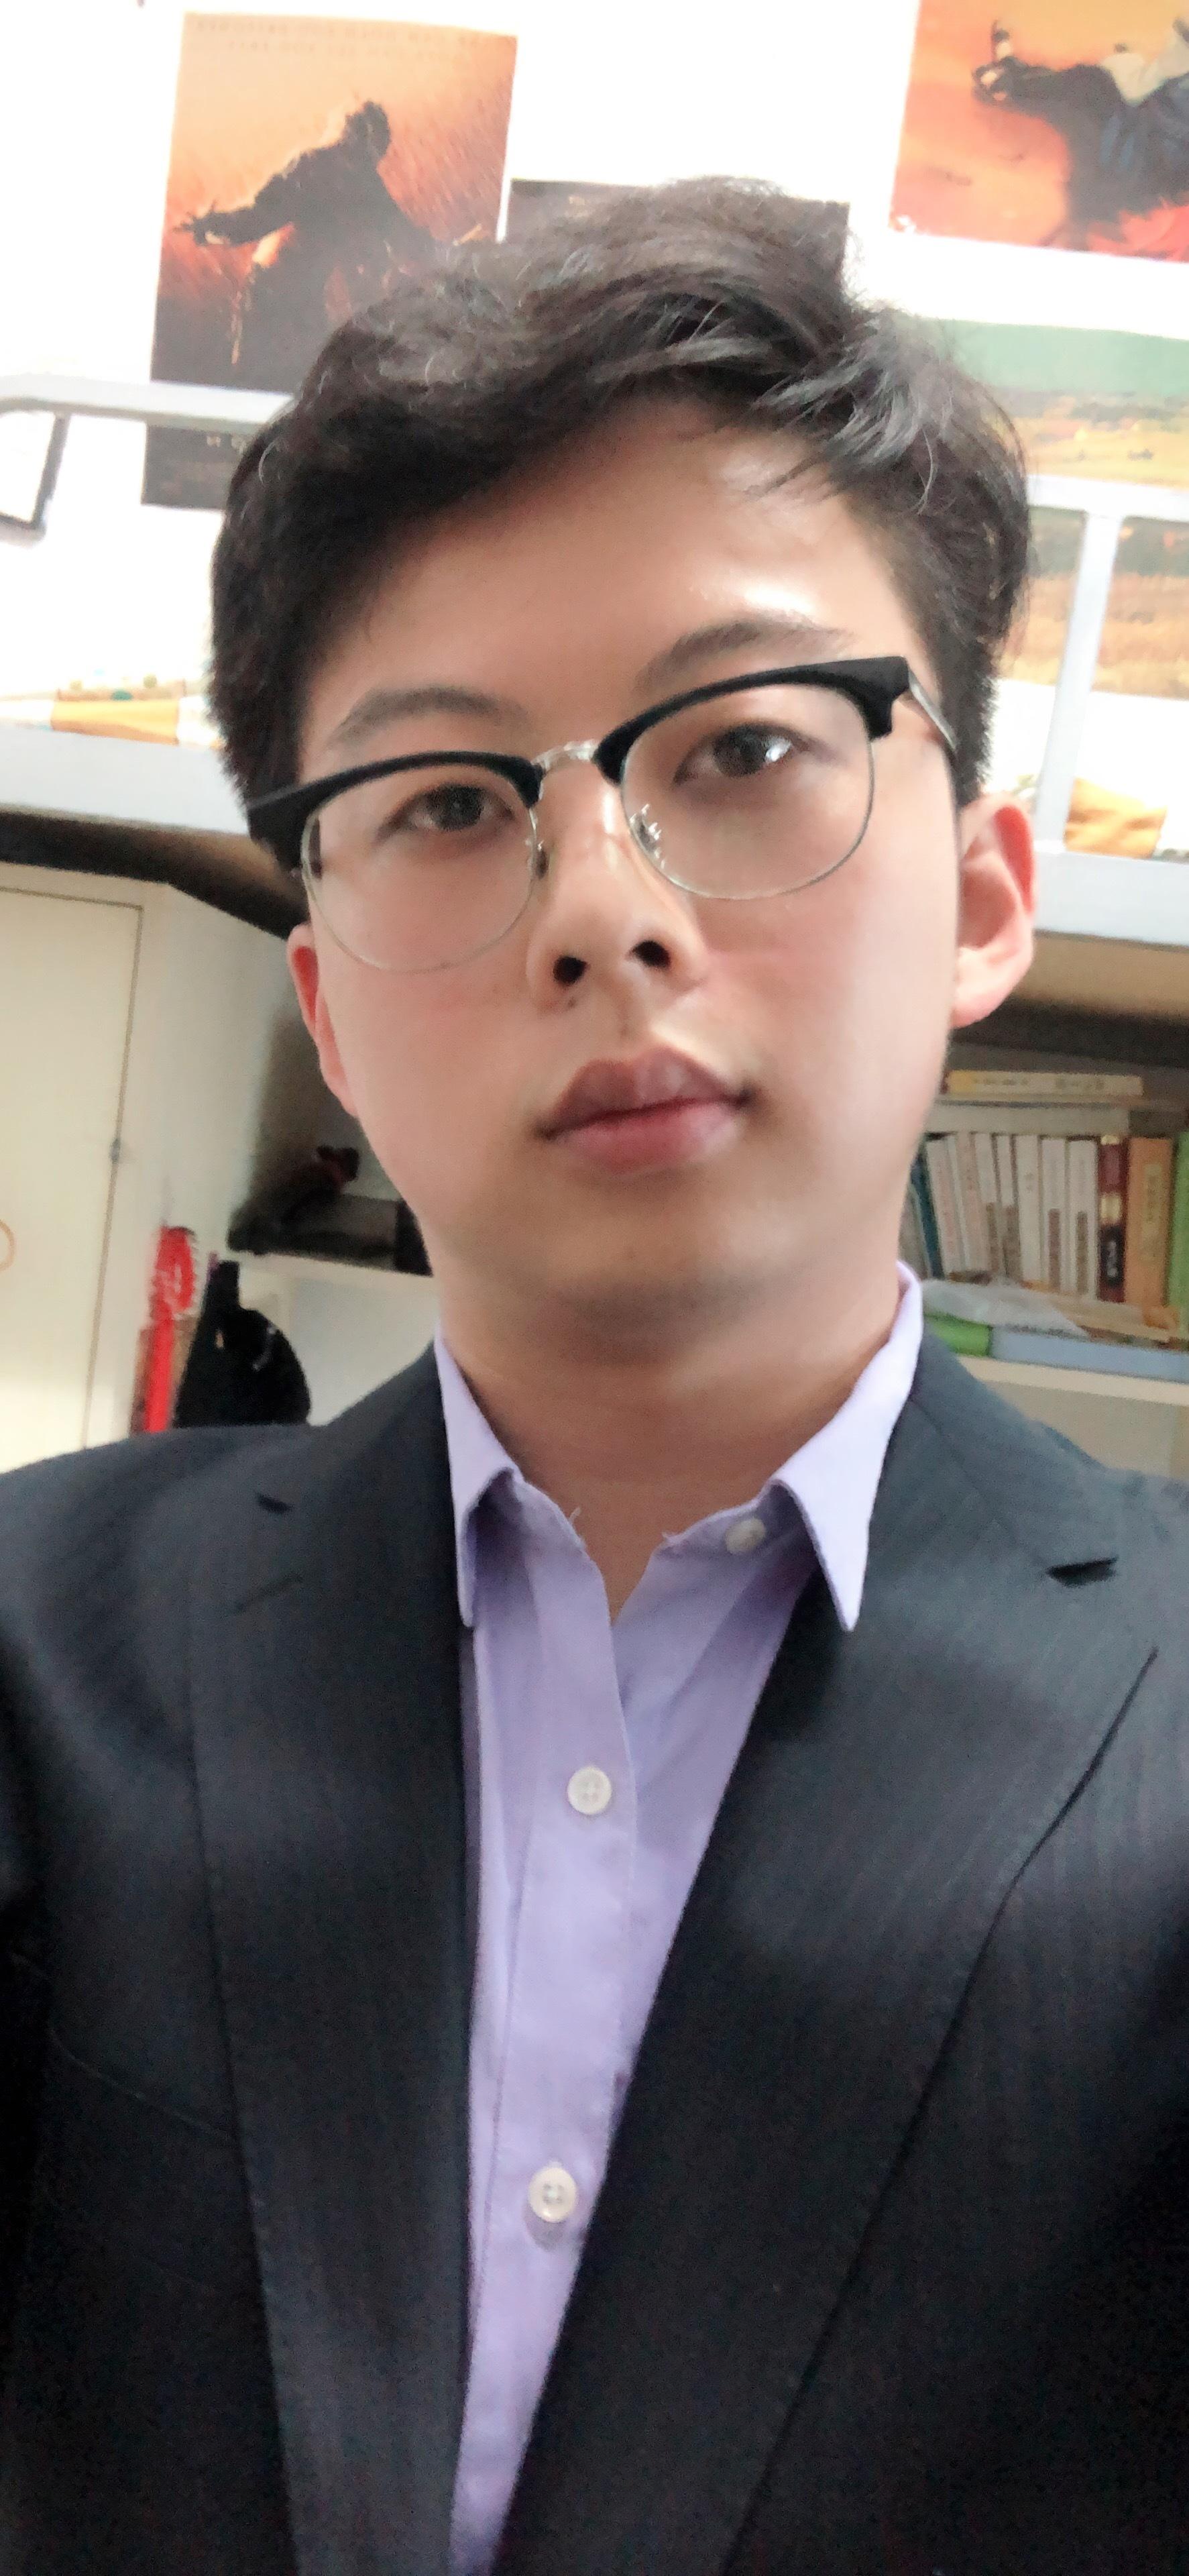 北京家教孟教员